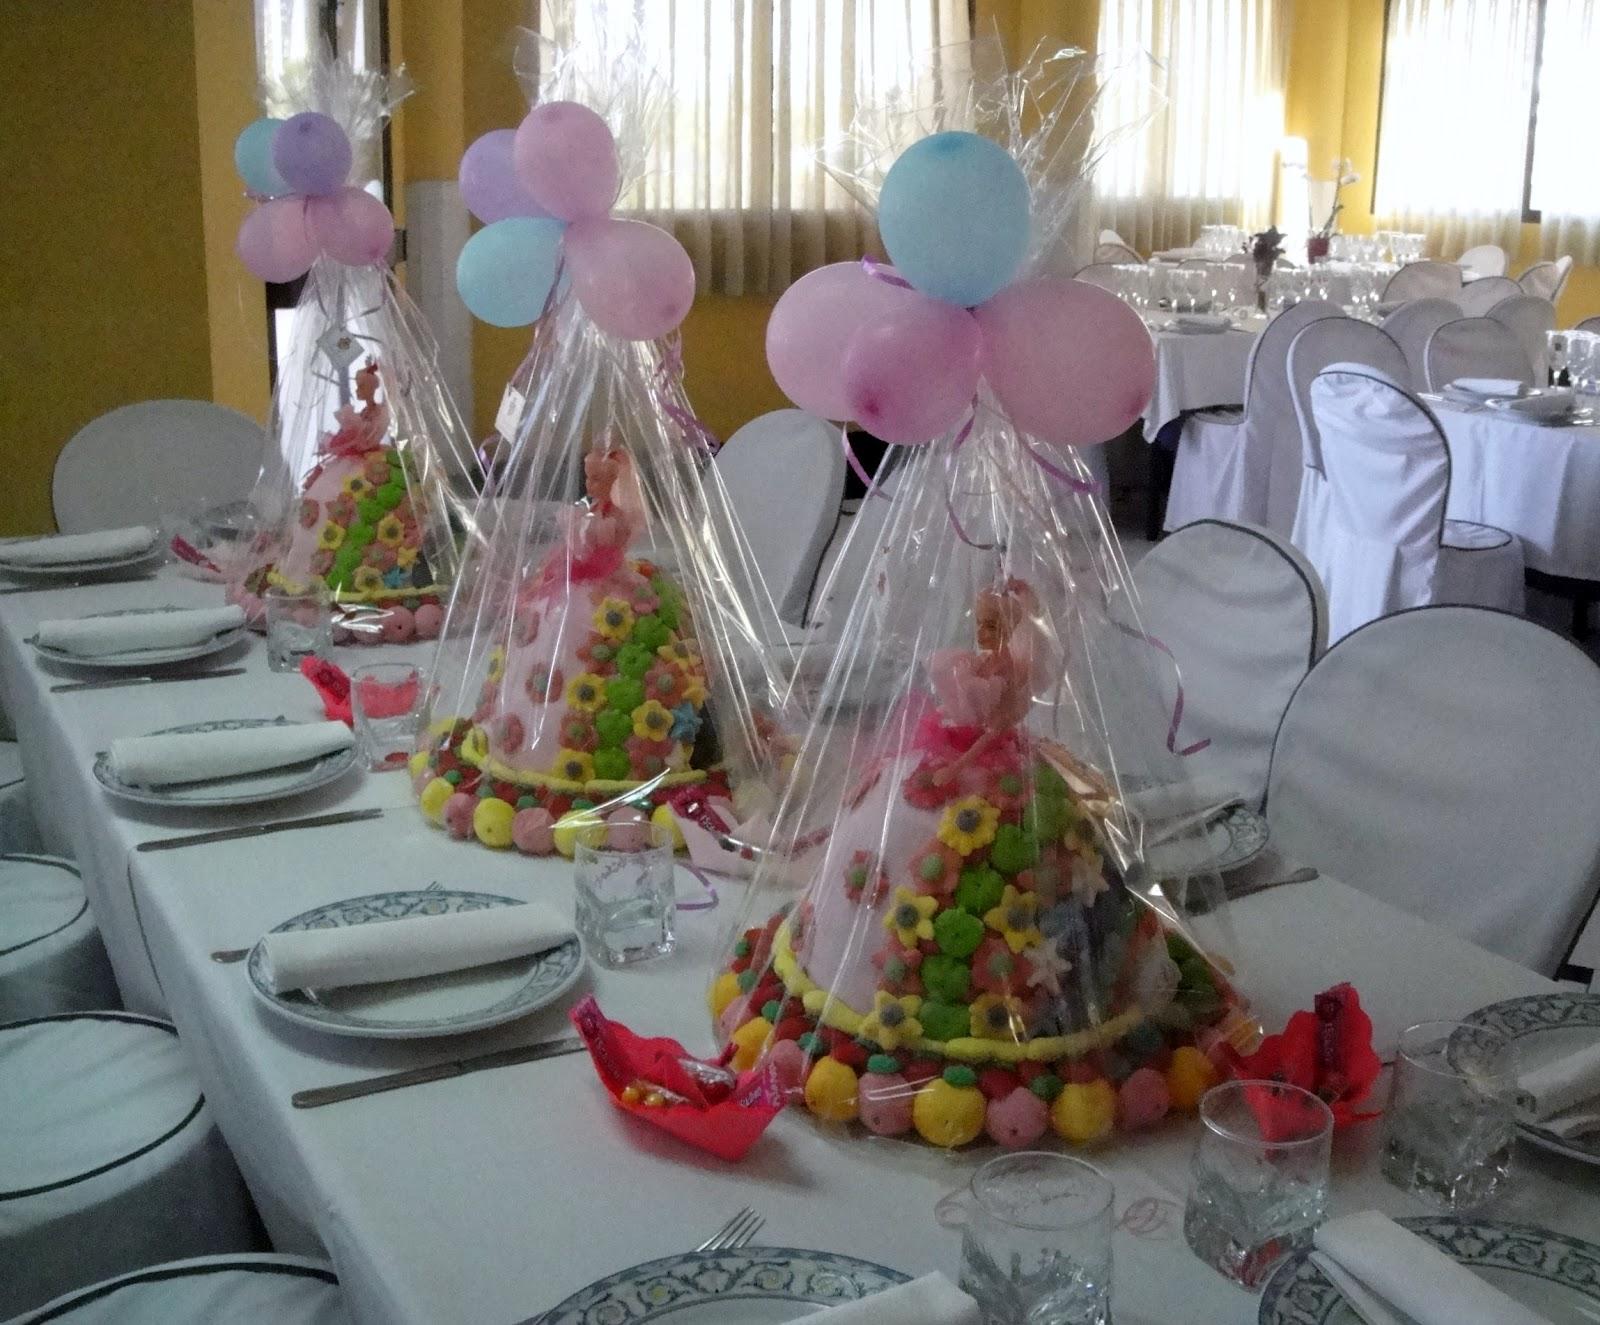 Entretres patchwork comuniones - Como decorar una mesa de comunion ...